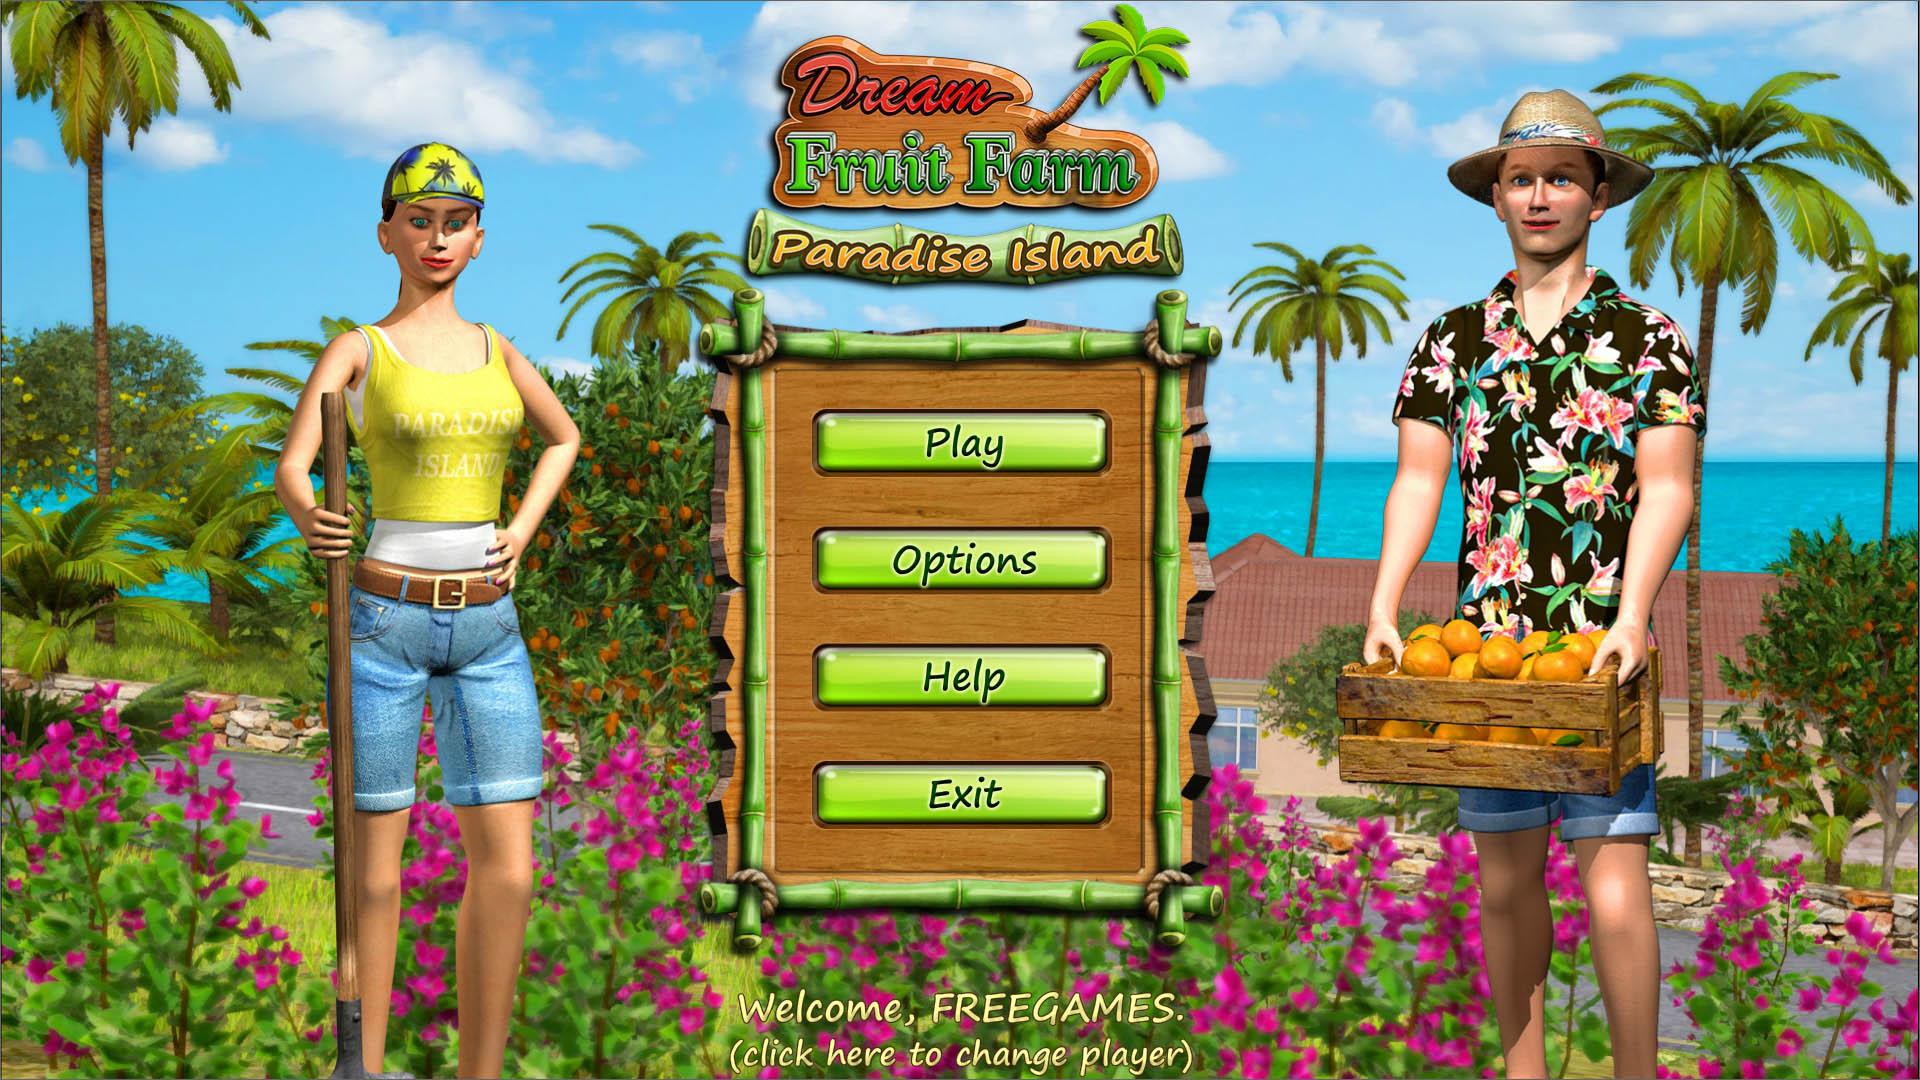 Фруктовая ферма 2: Райский остров | Dream Fruit Farm 2: Paradise Island (En)